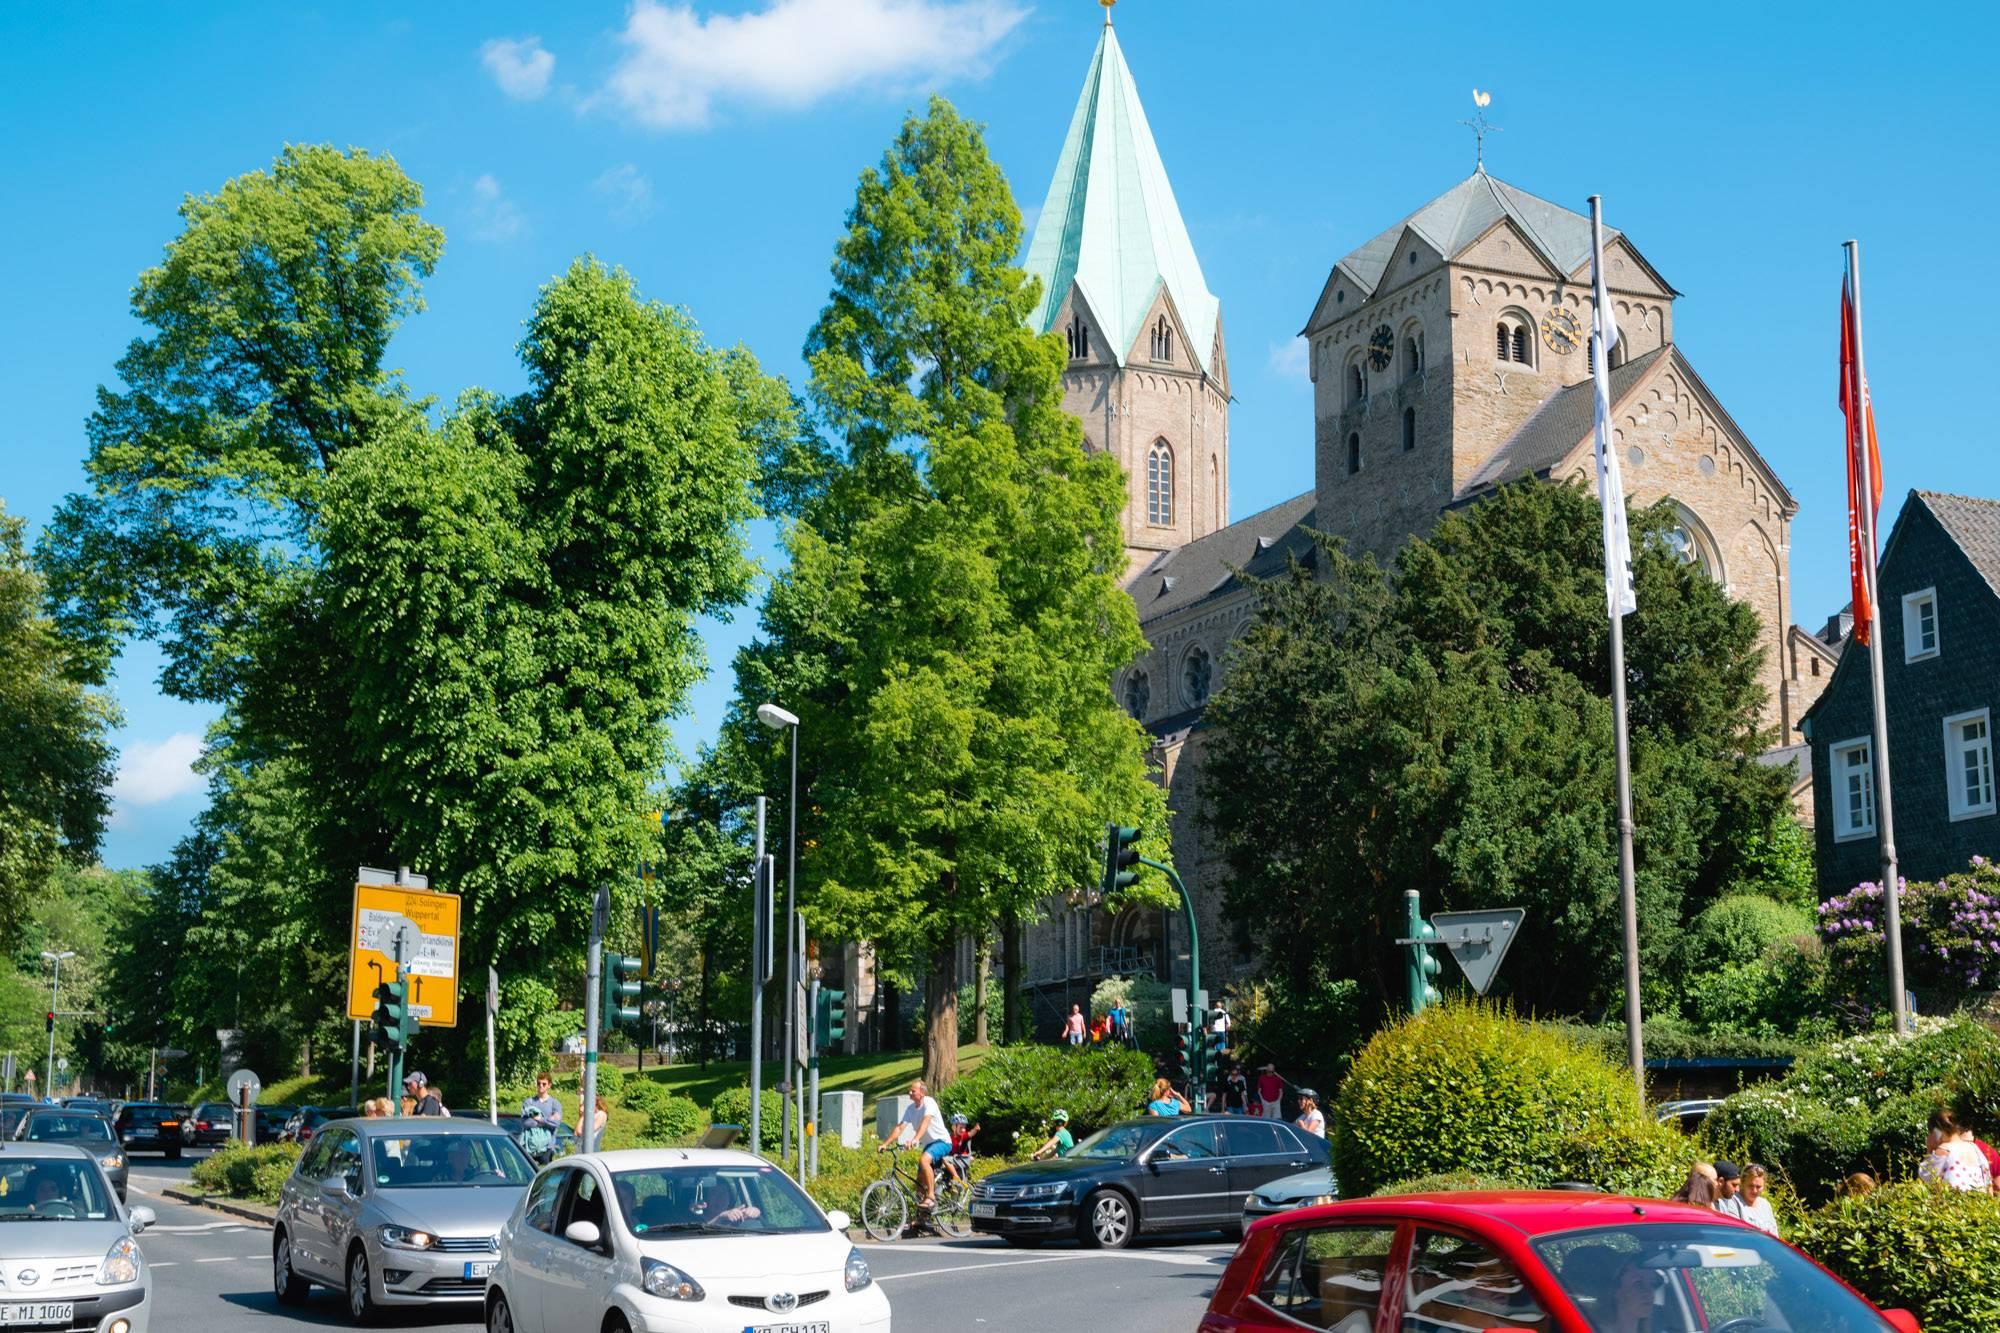 St. Ludgerus Essen